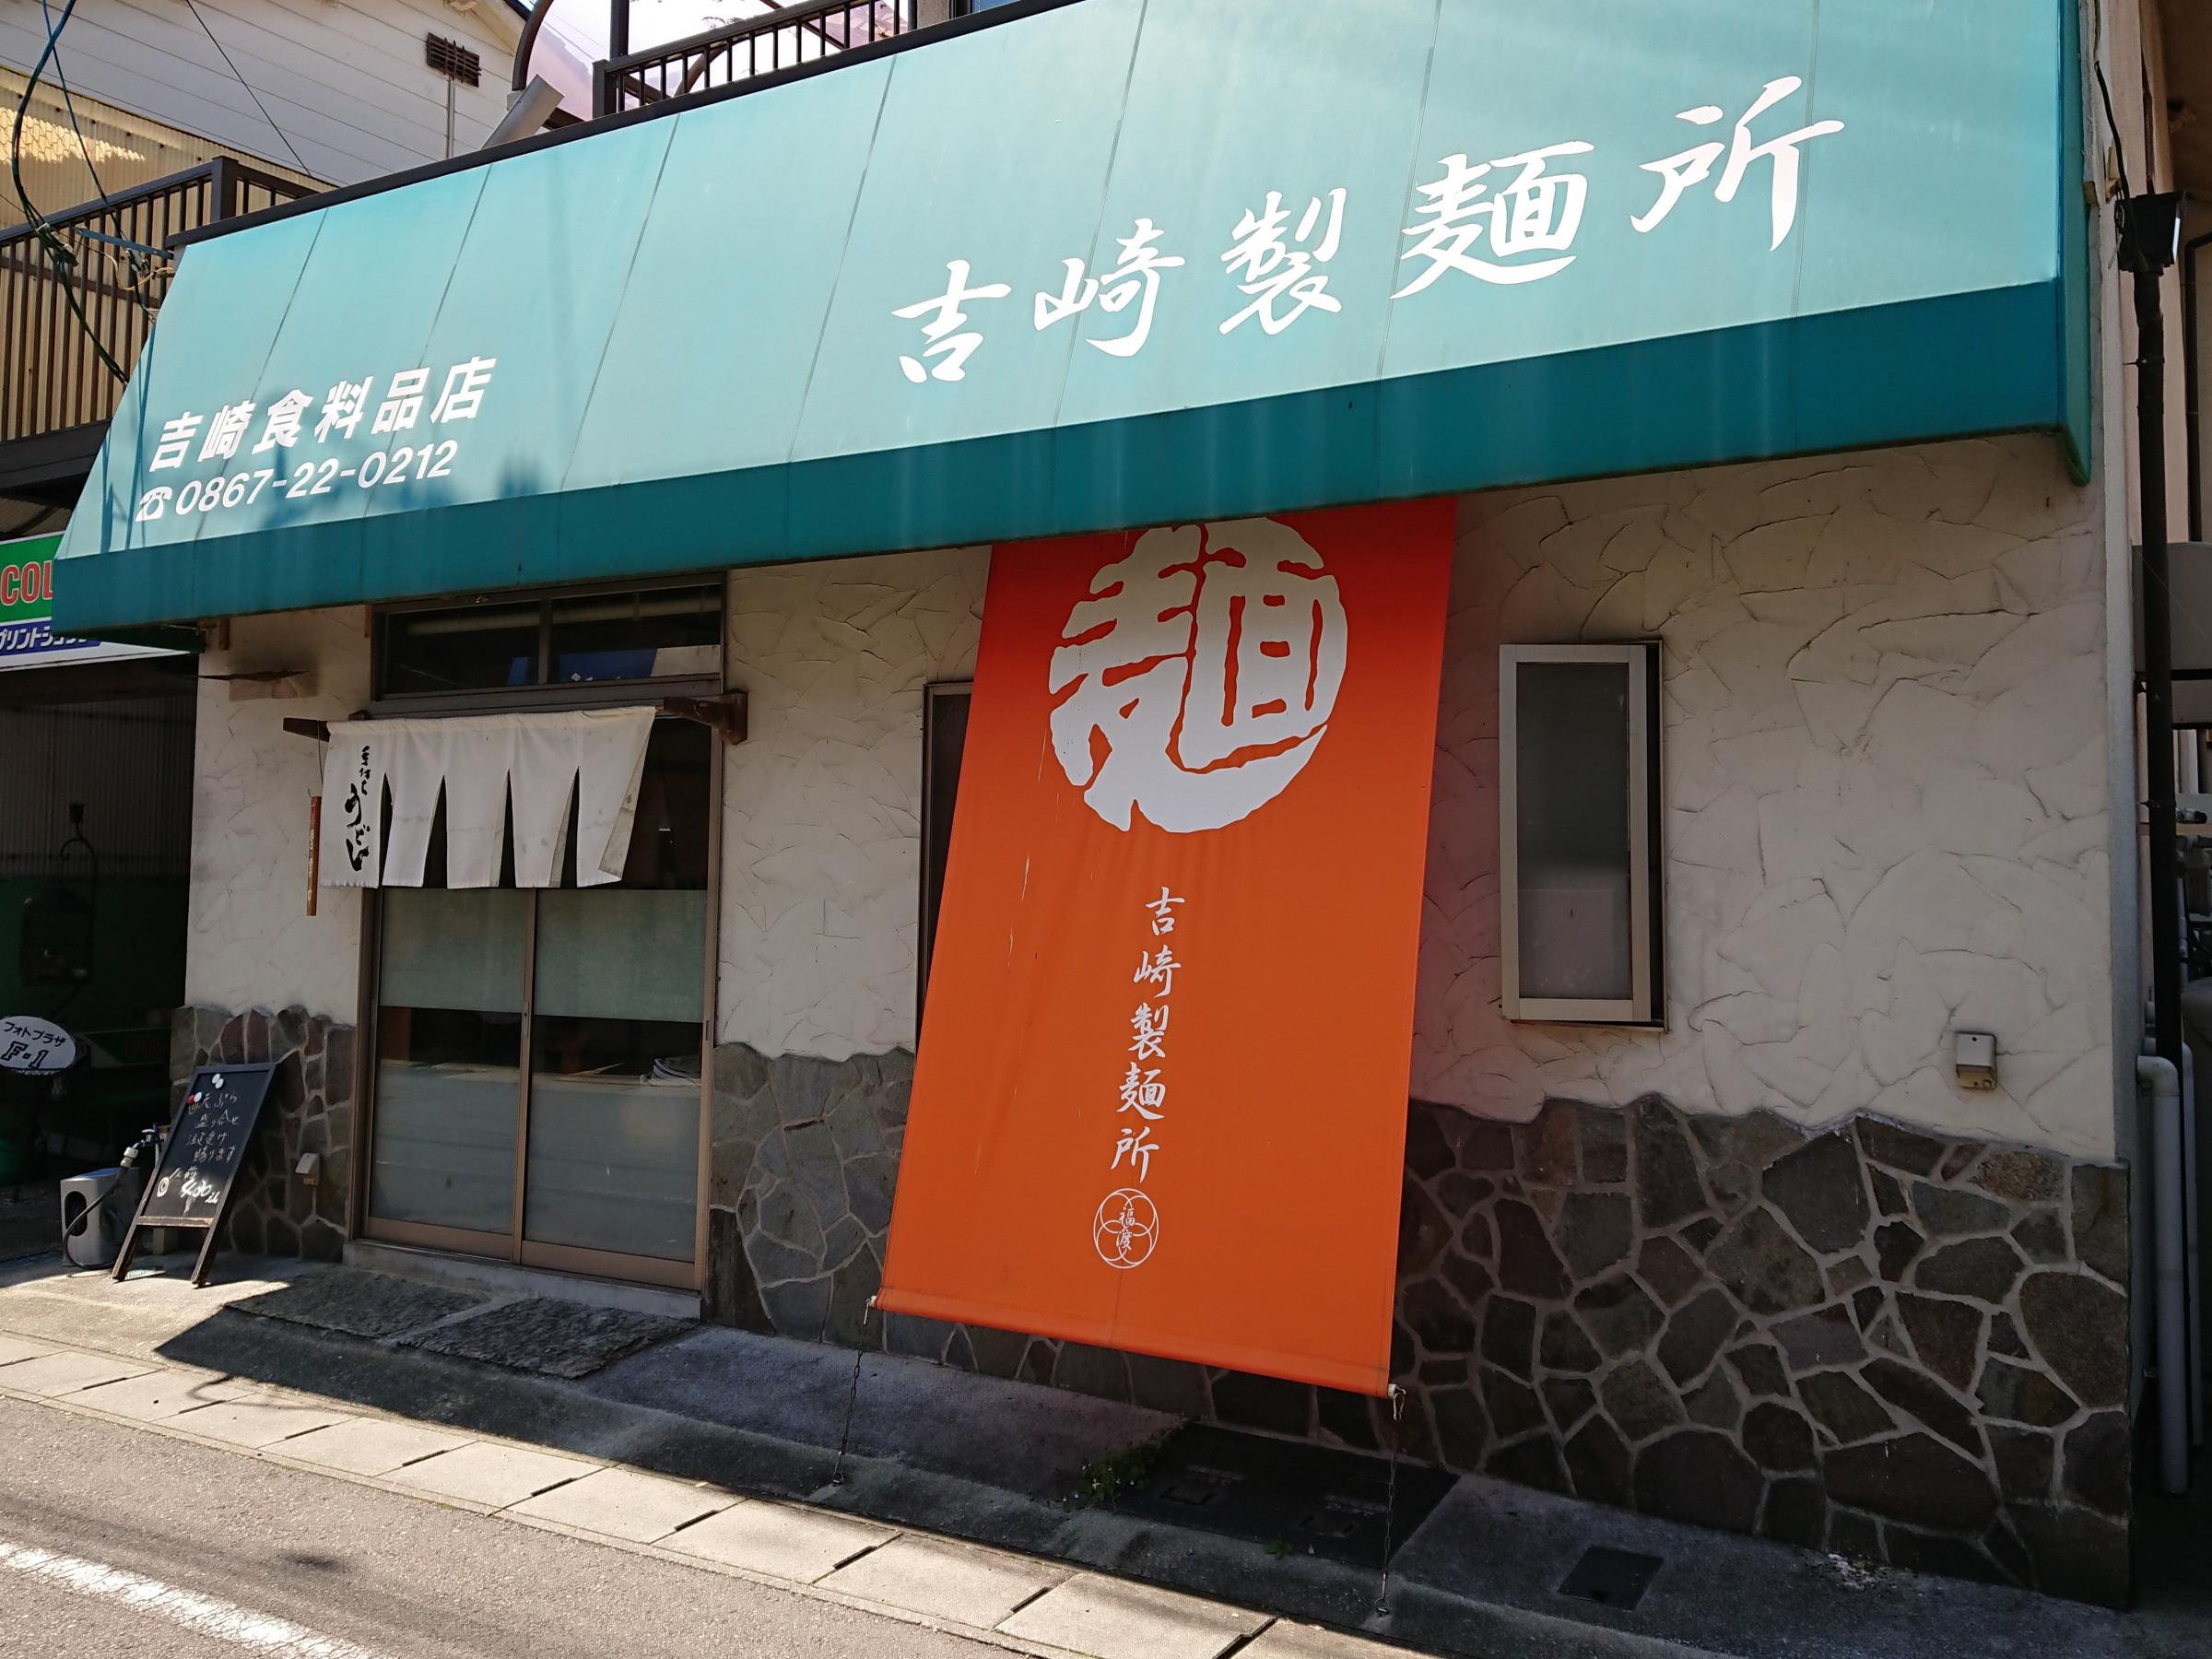 吉崎商店・吉崎製麺所